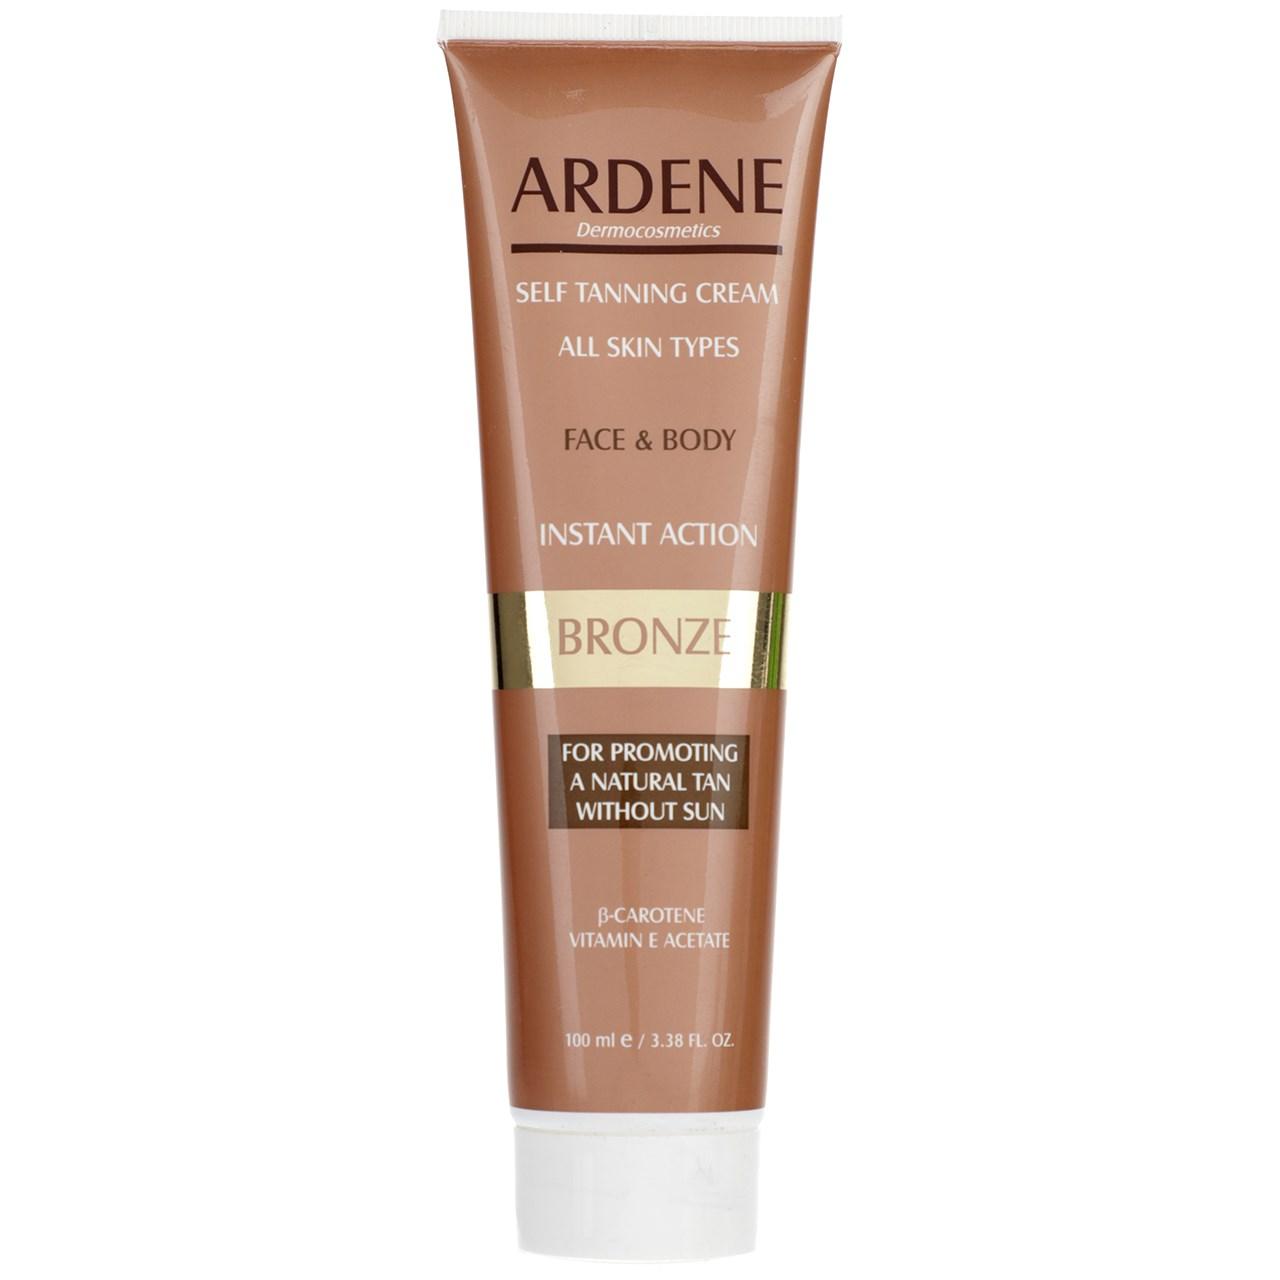 قیمت کرم برنزه کننده Arden مدل Face And Body Skin حجم 100 میلی لیتر